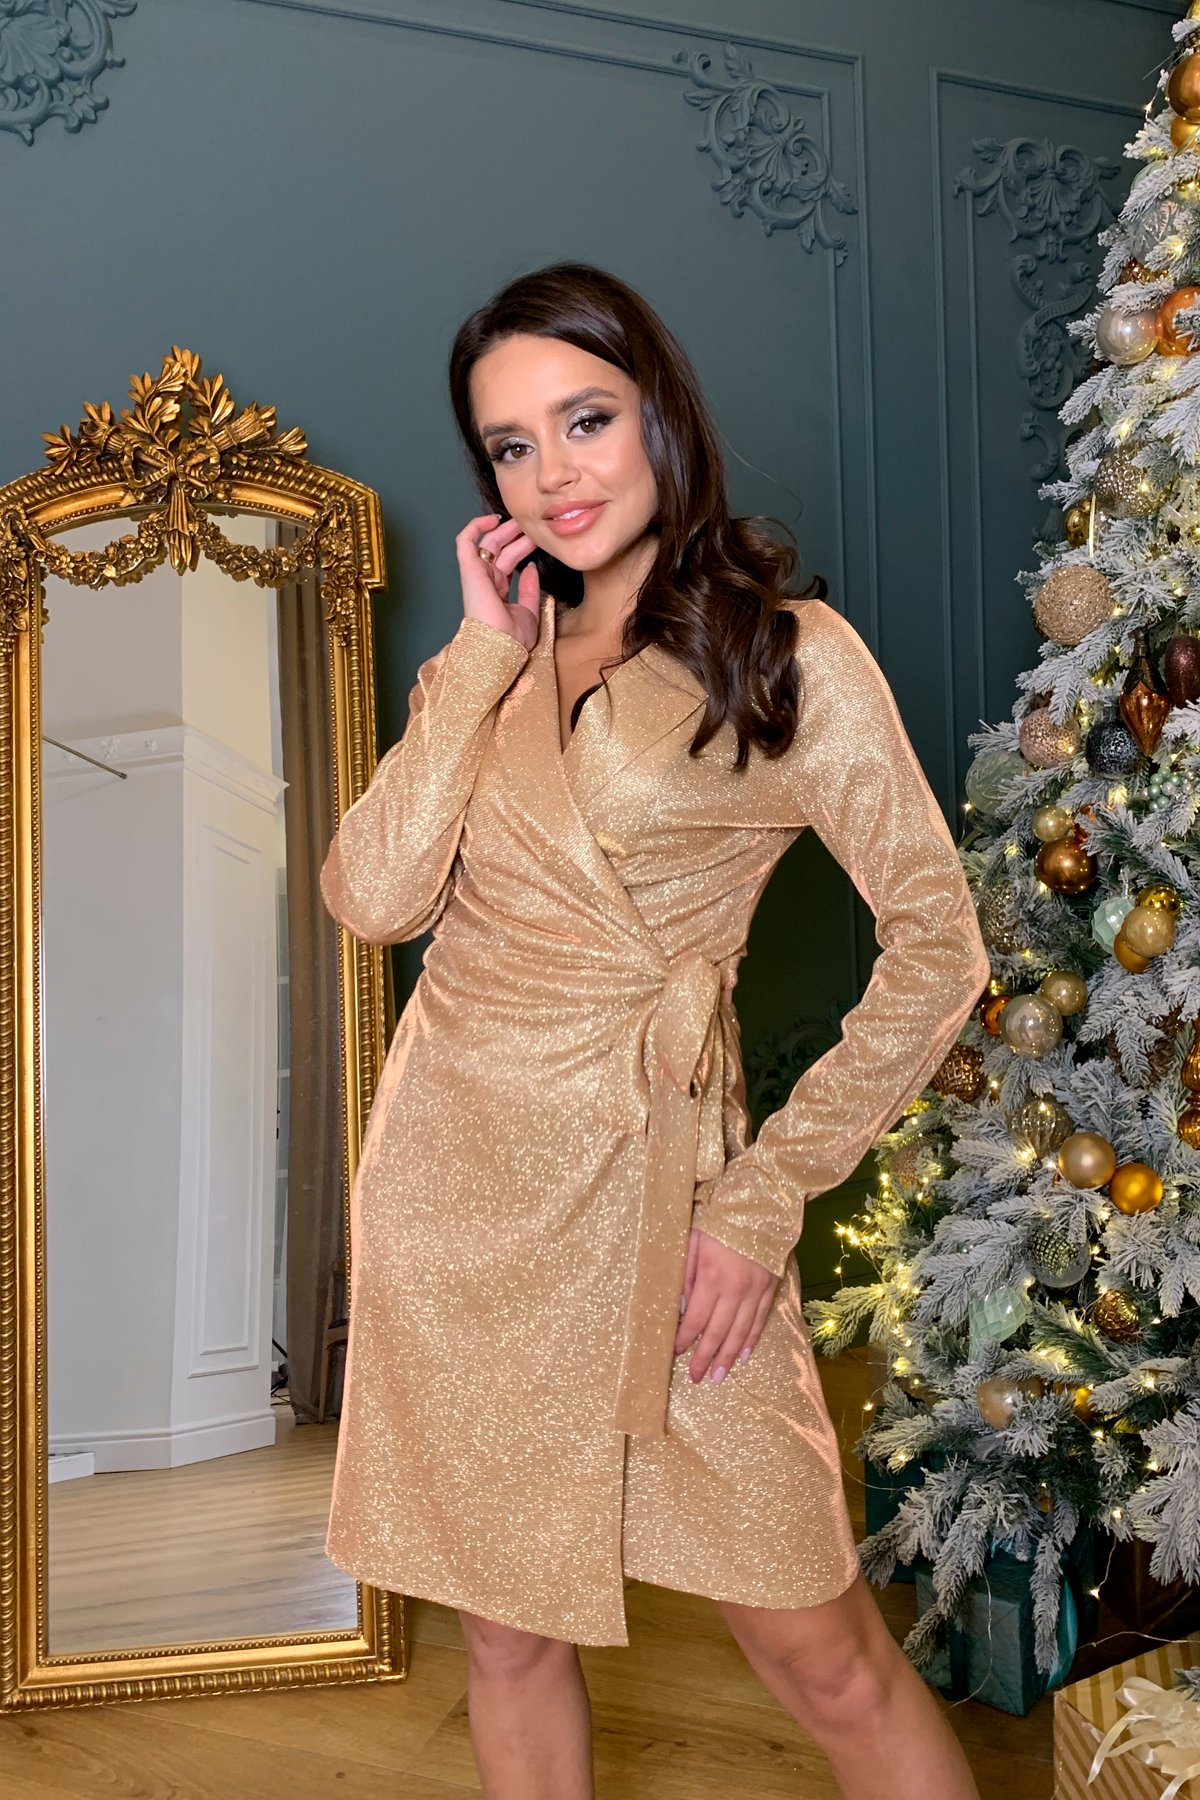 Платье Шати 8686 АРТ. 45014 Цвет: Золото/розовый - фото 1, интернет магазин tm-modus.ru